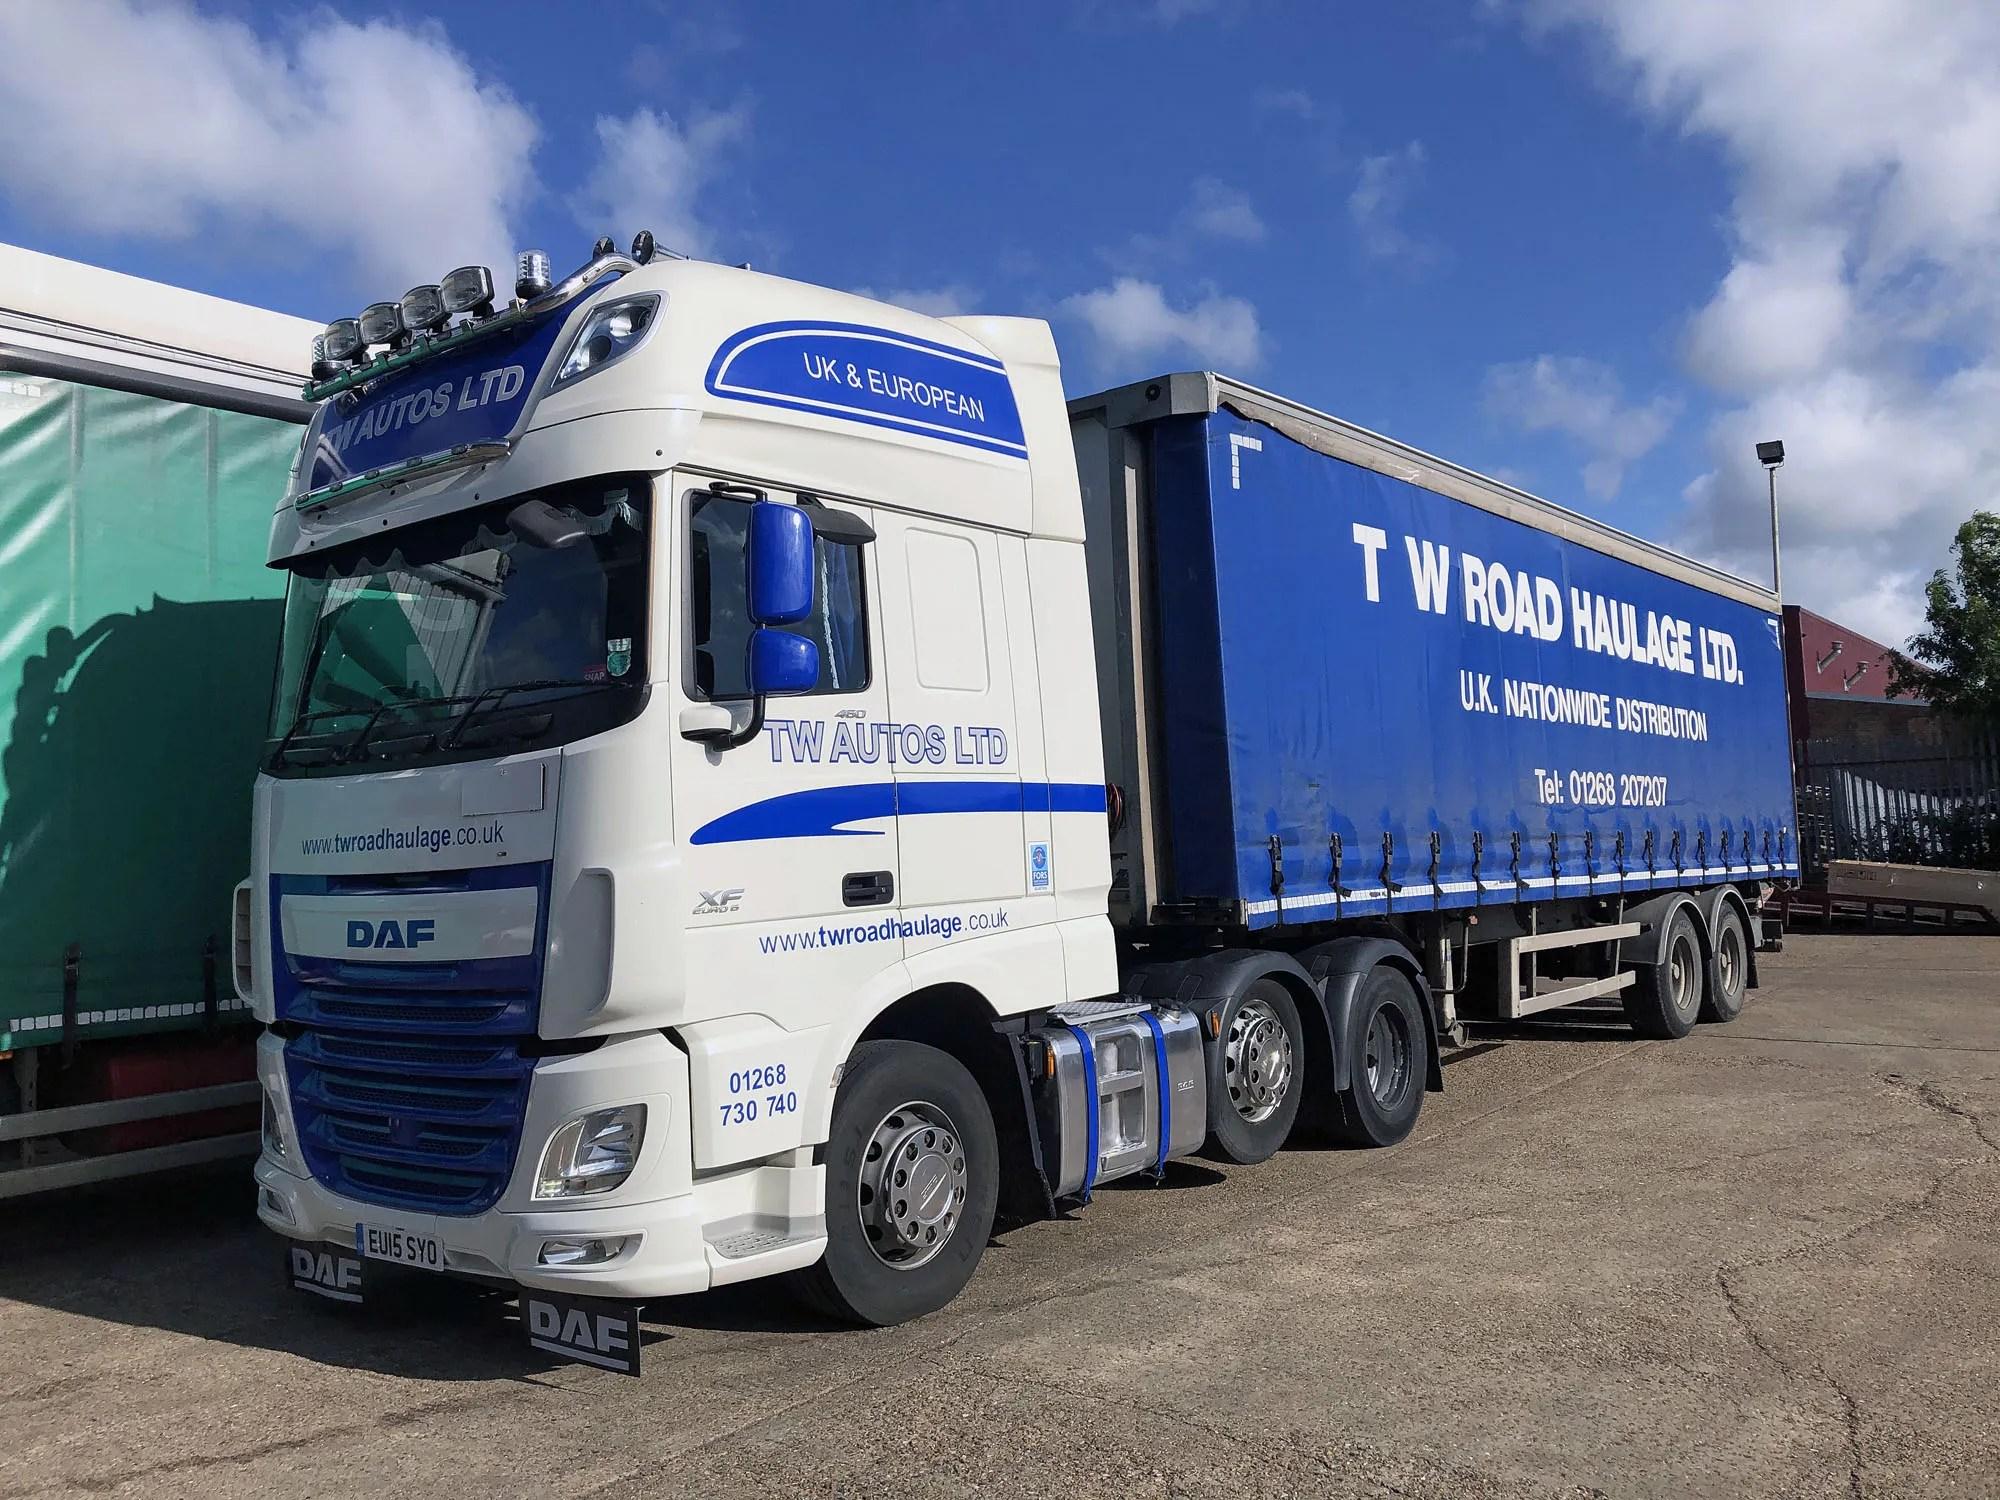 TW Road Haulage Ltd